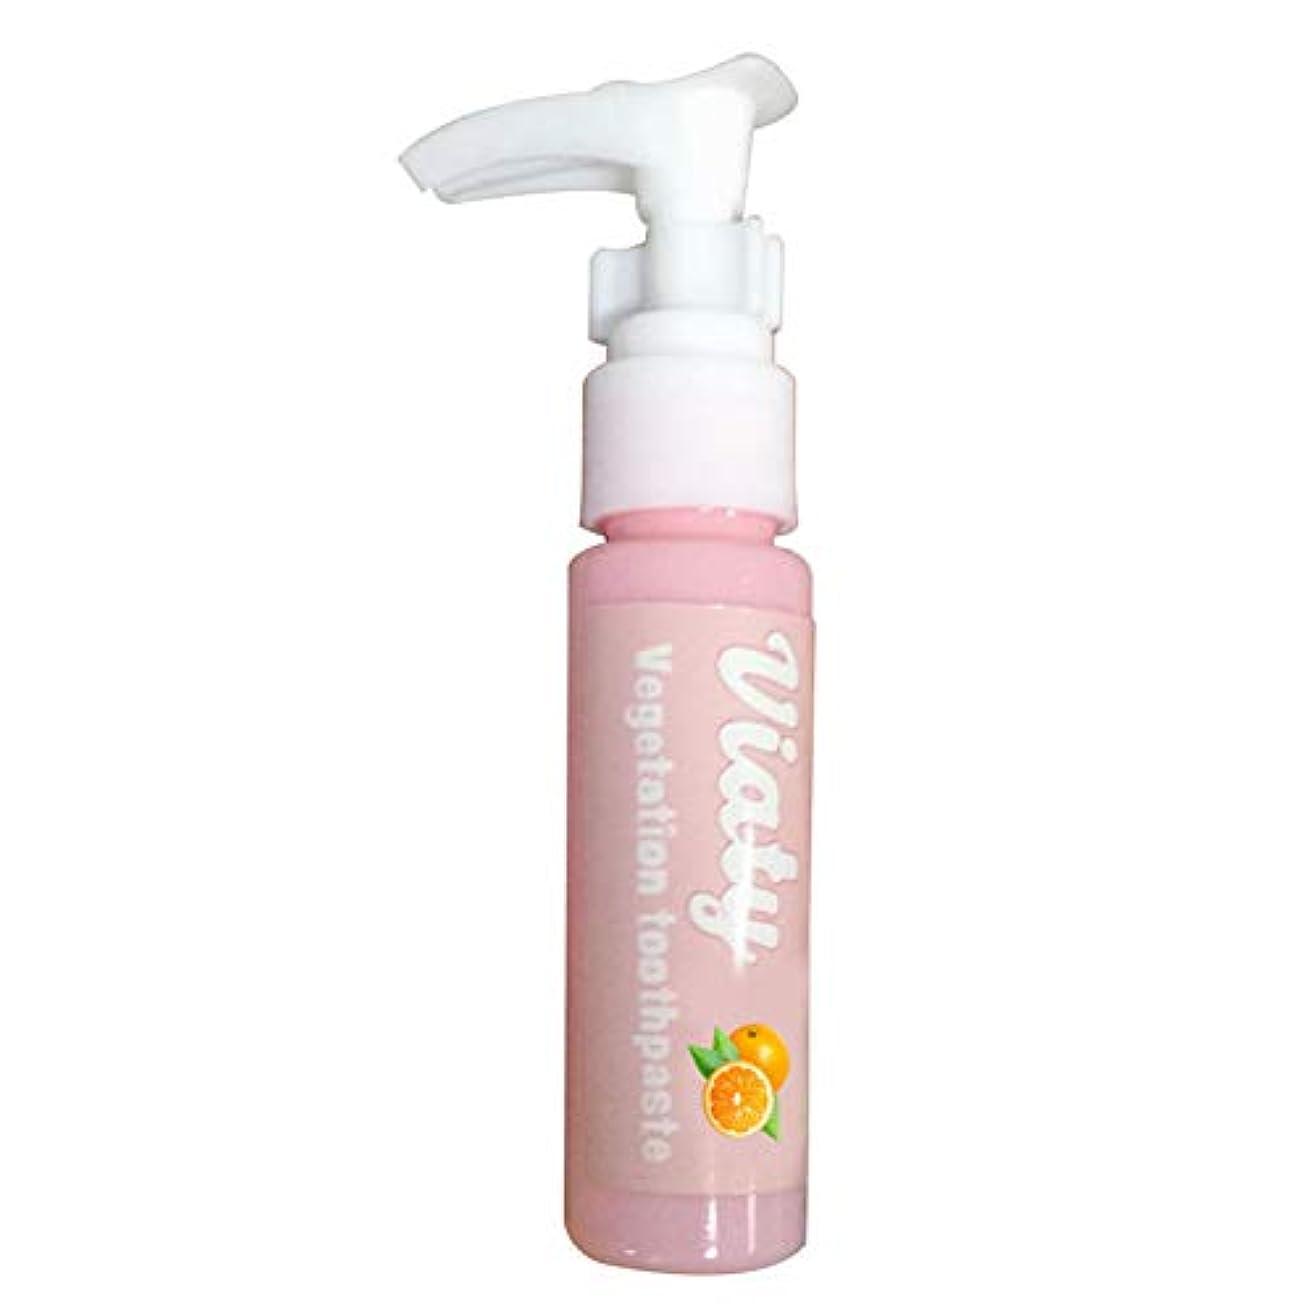 略すランプ危険Lambowo 歯磨き粉の抗の出血性のゴムを押す白くなる携帯用汚れの除去剤は新しい歯磨き粉をタイプします